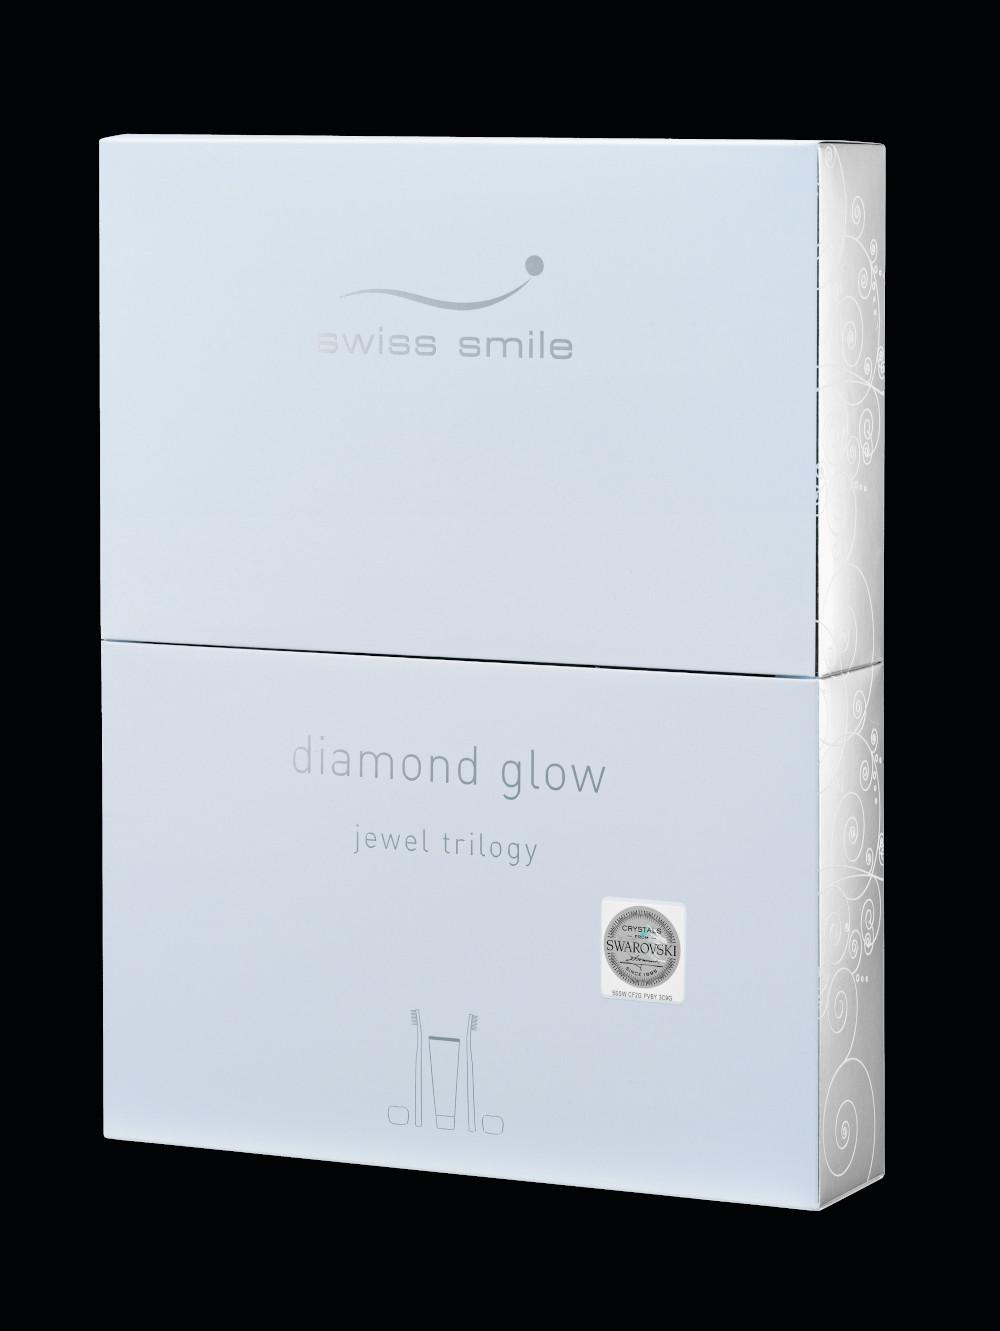 negru diamond glow gift Strălucire de diamant cu o trilogie de bijuterii